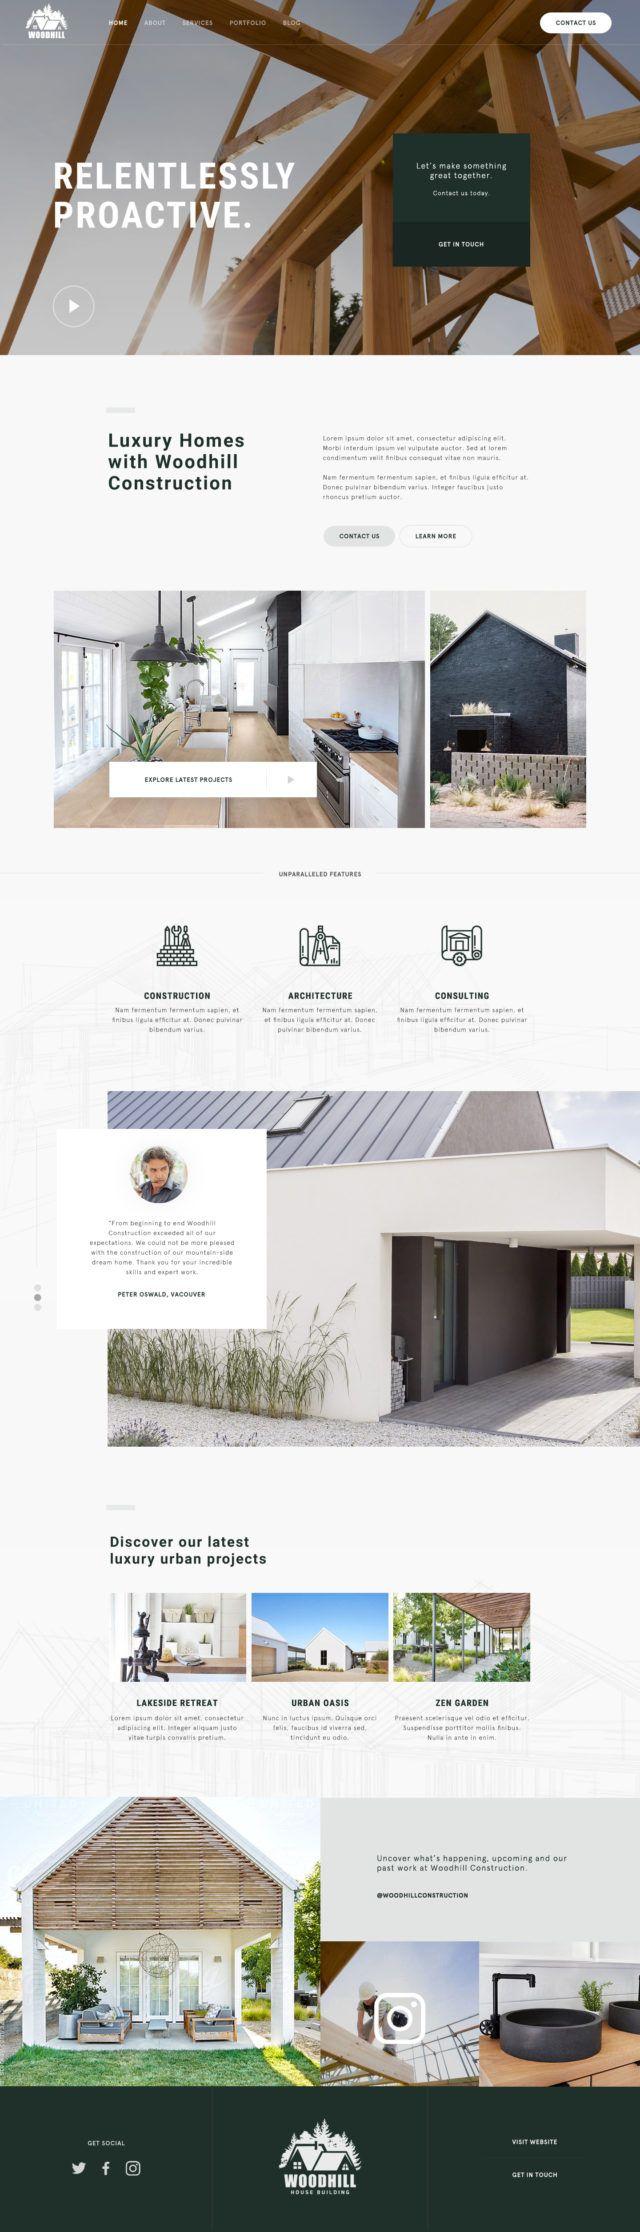 754 best Web & Mobile Design images on Pinterest | Design websites ...